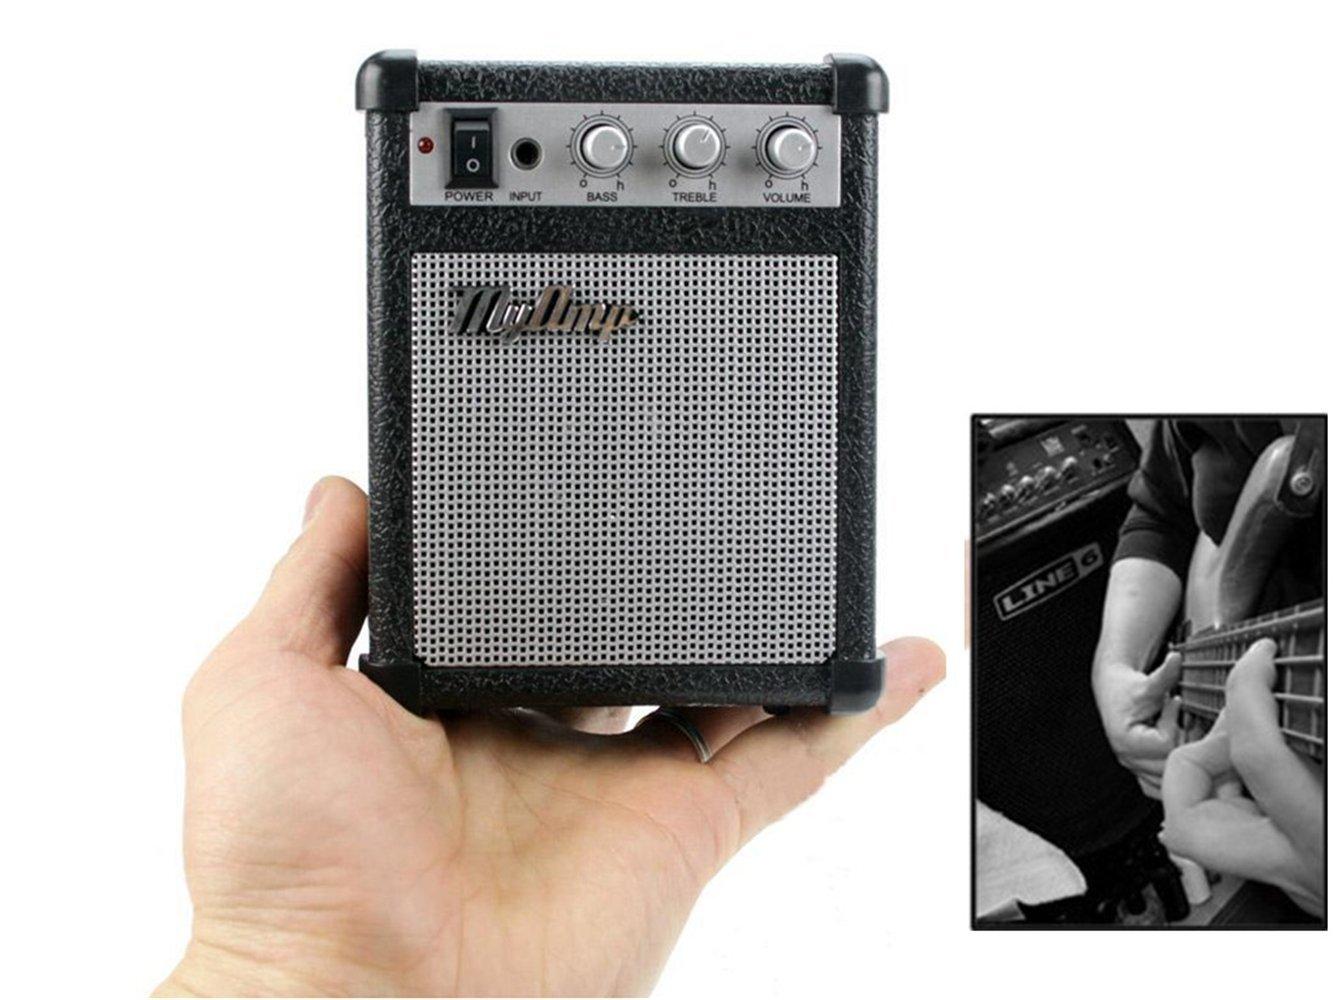 ポータブルMyAmp強力なmp3携帯電話スピーカー、Refinement MyAmp万能ギターアンプwith低音と高音コントロール   B0777L1G4X, ウレシノチョウ:93e1649c --- krianta.ru